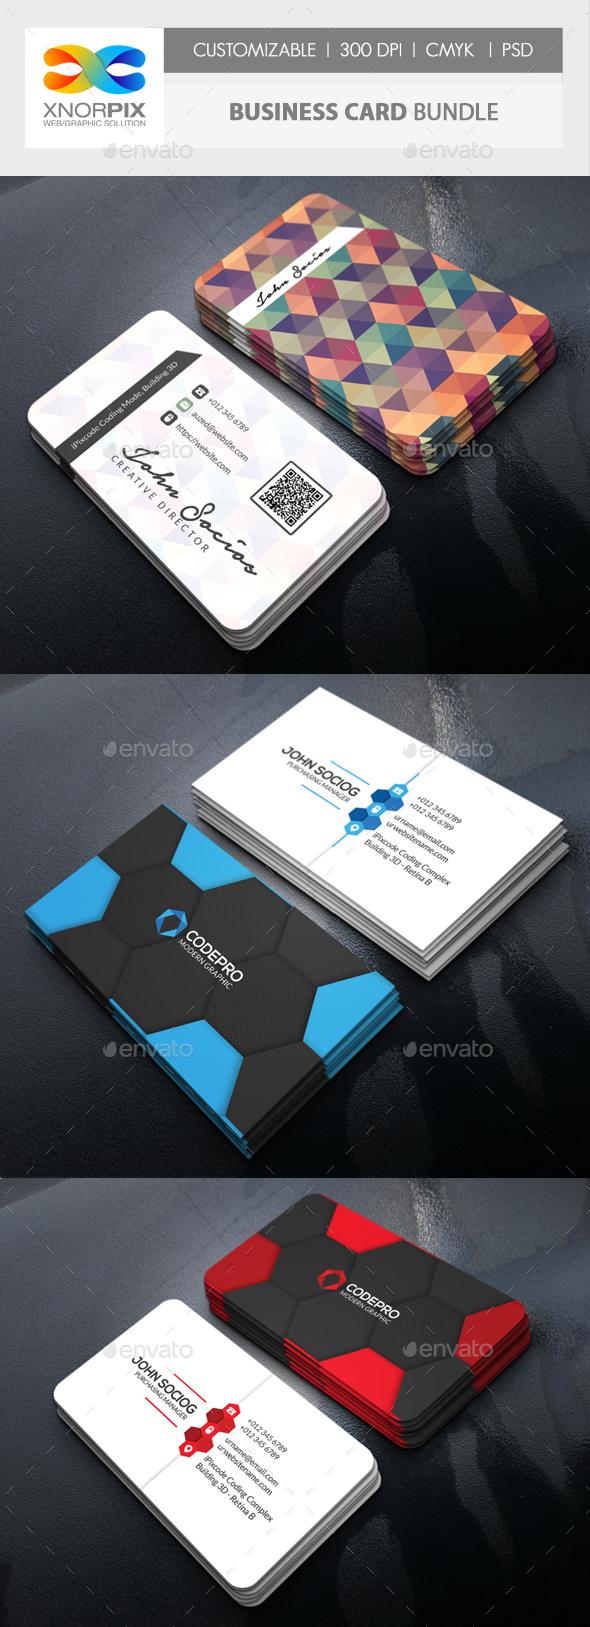 Business Card Bundle Corporate Cards